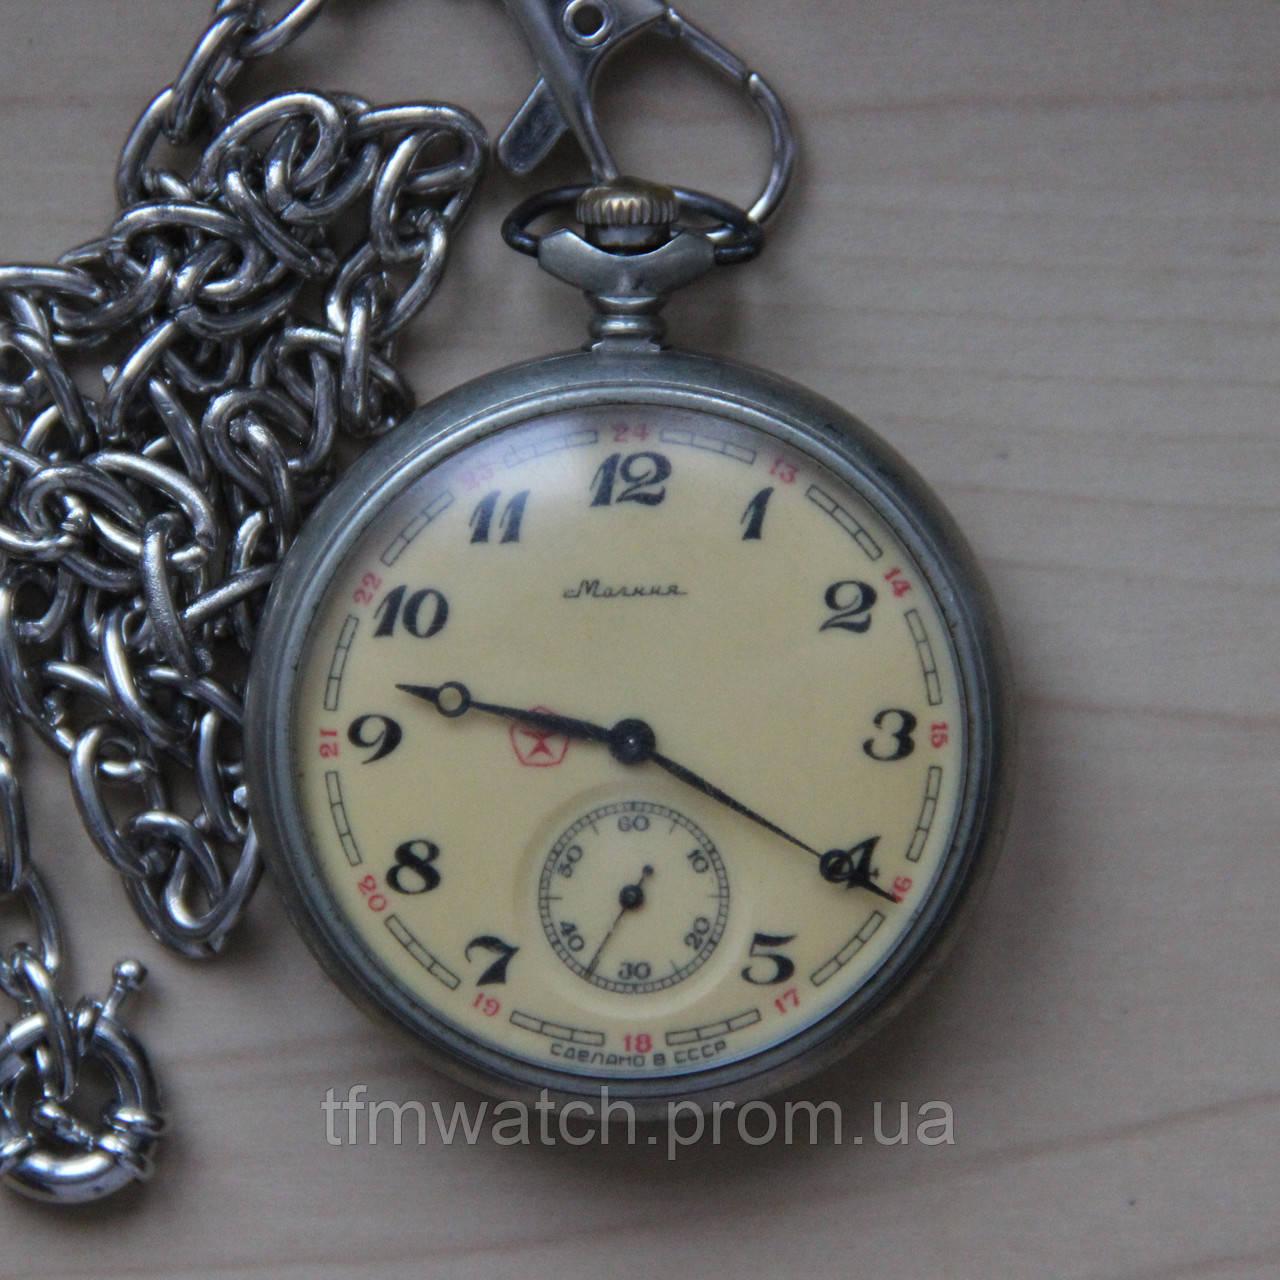 Молния продать ссср часы часов одессе выкуп в